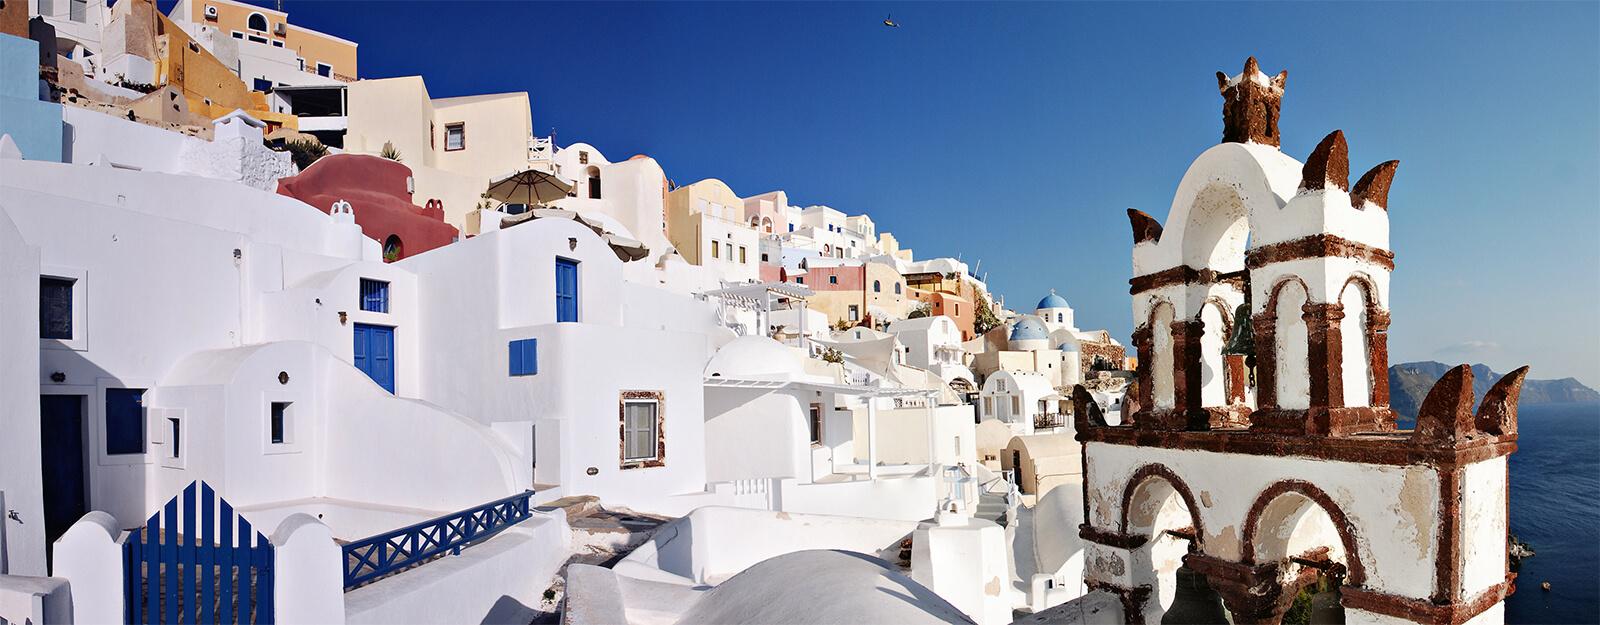 гражданство греции за инвестиции